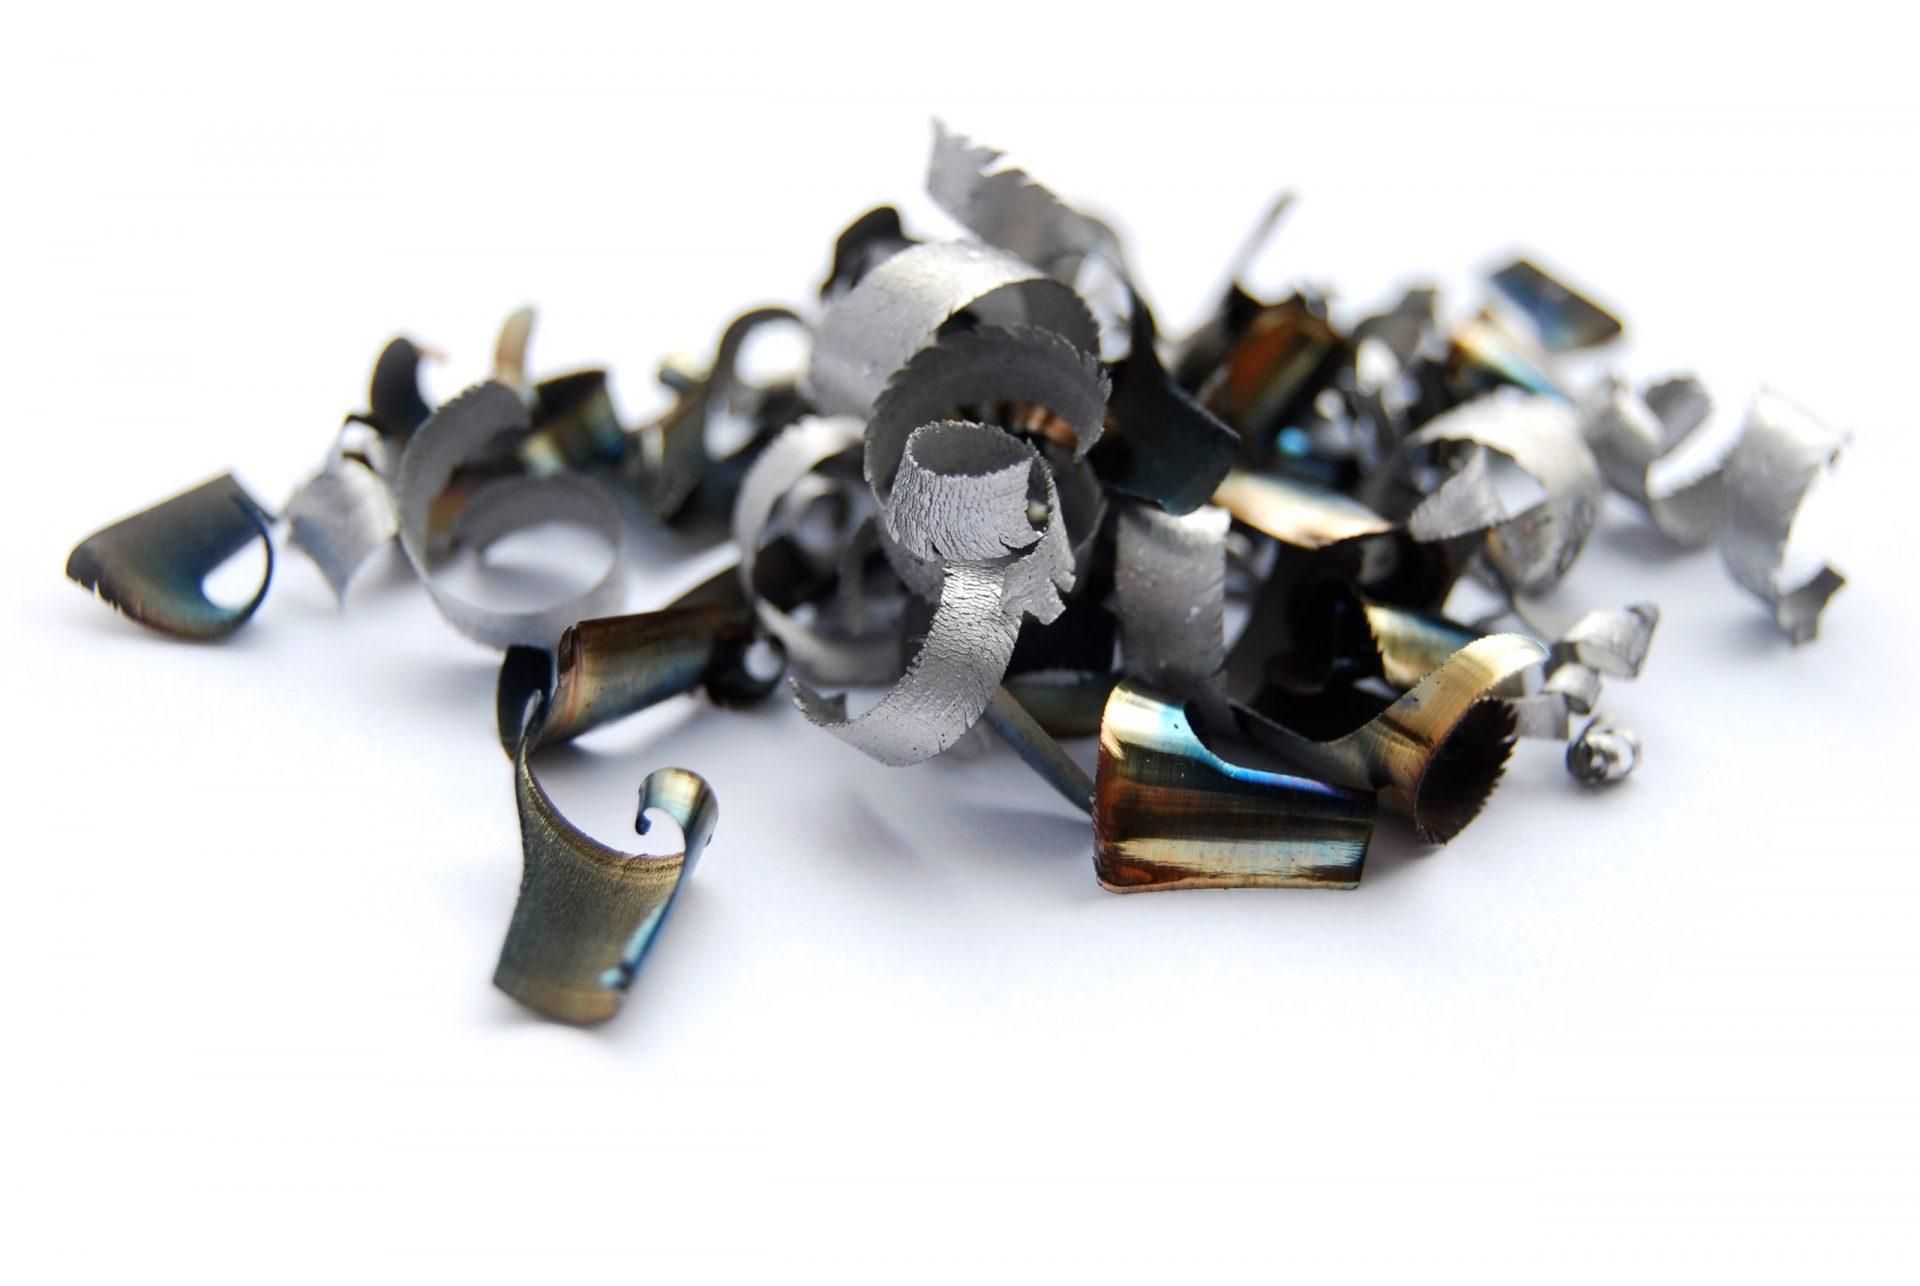 steel shavings